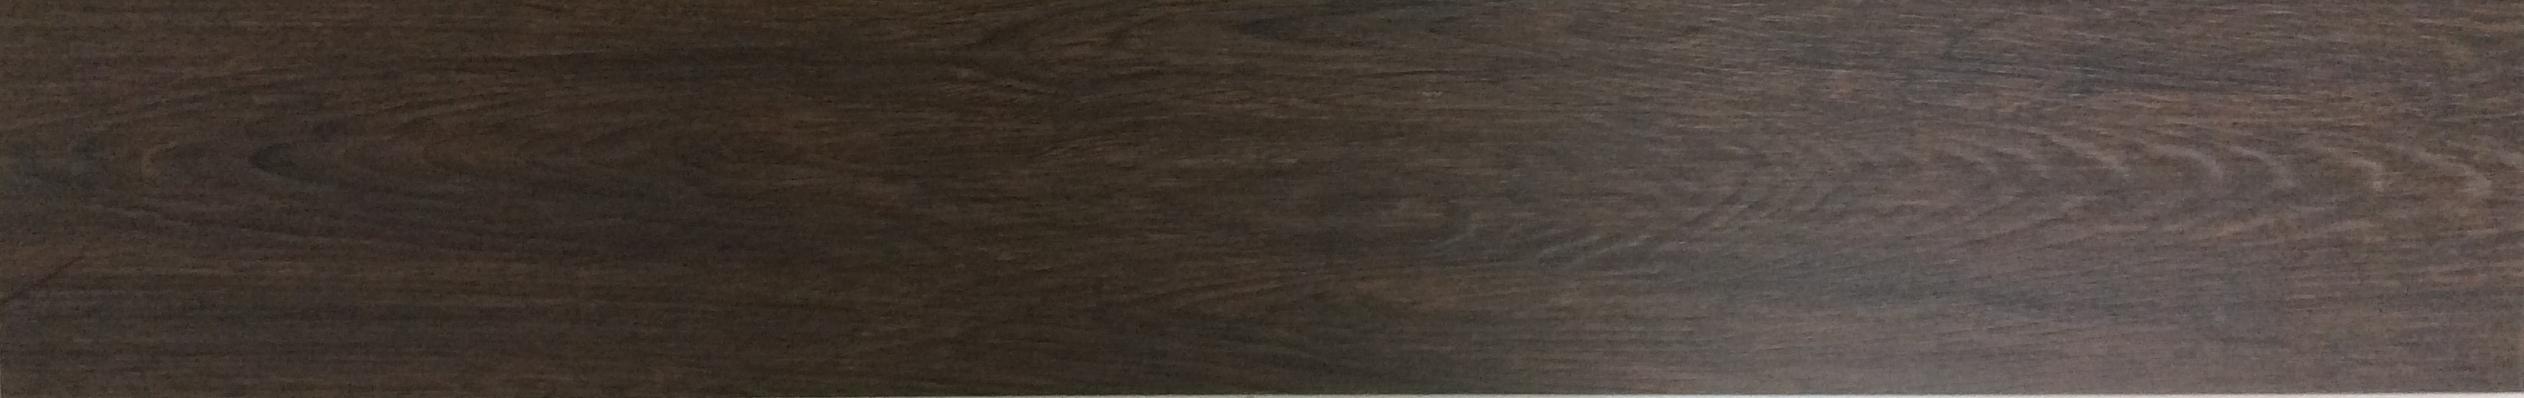 กระเบื้องลายไม้ 15x90 cm รุ่น VHD-07004